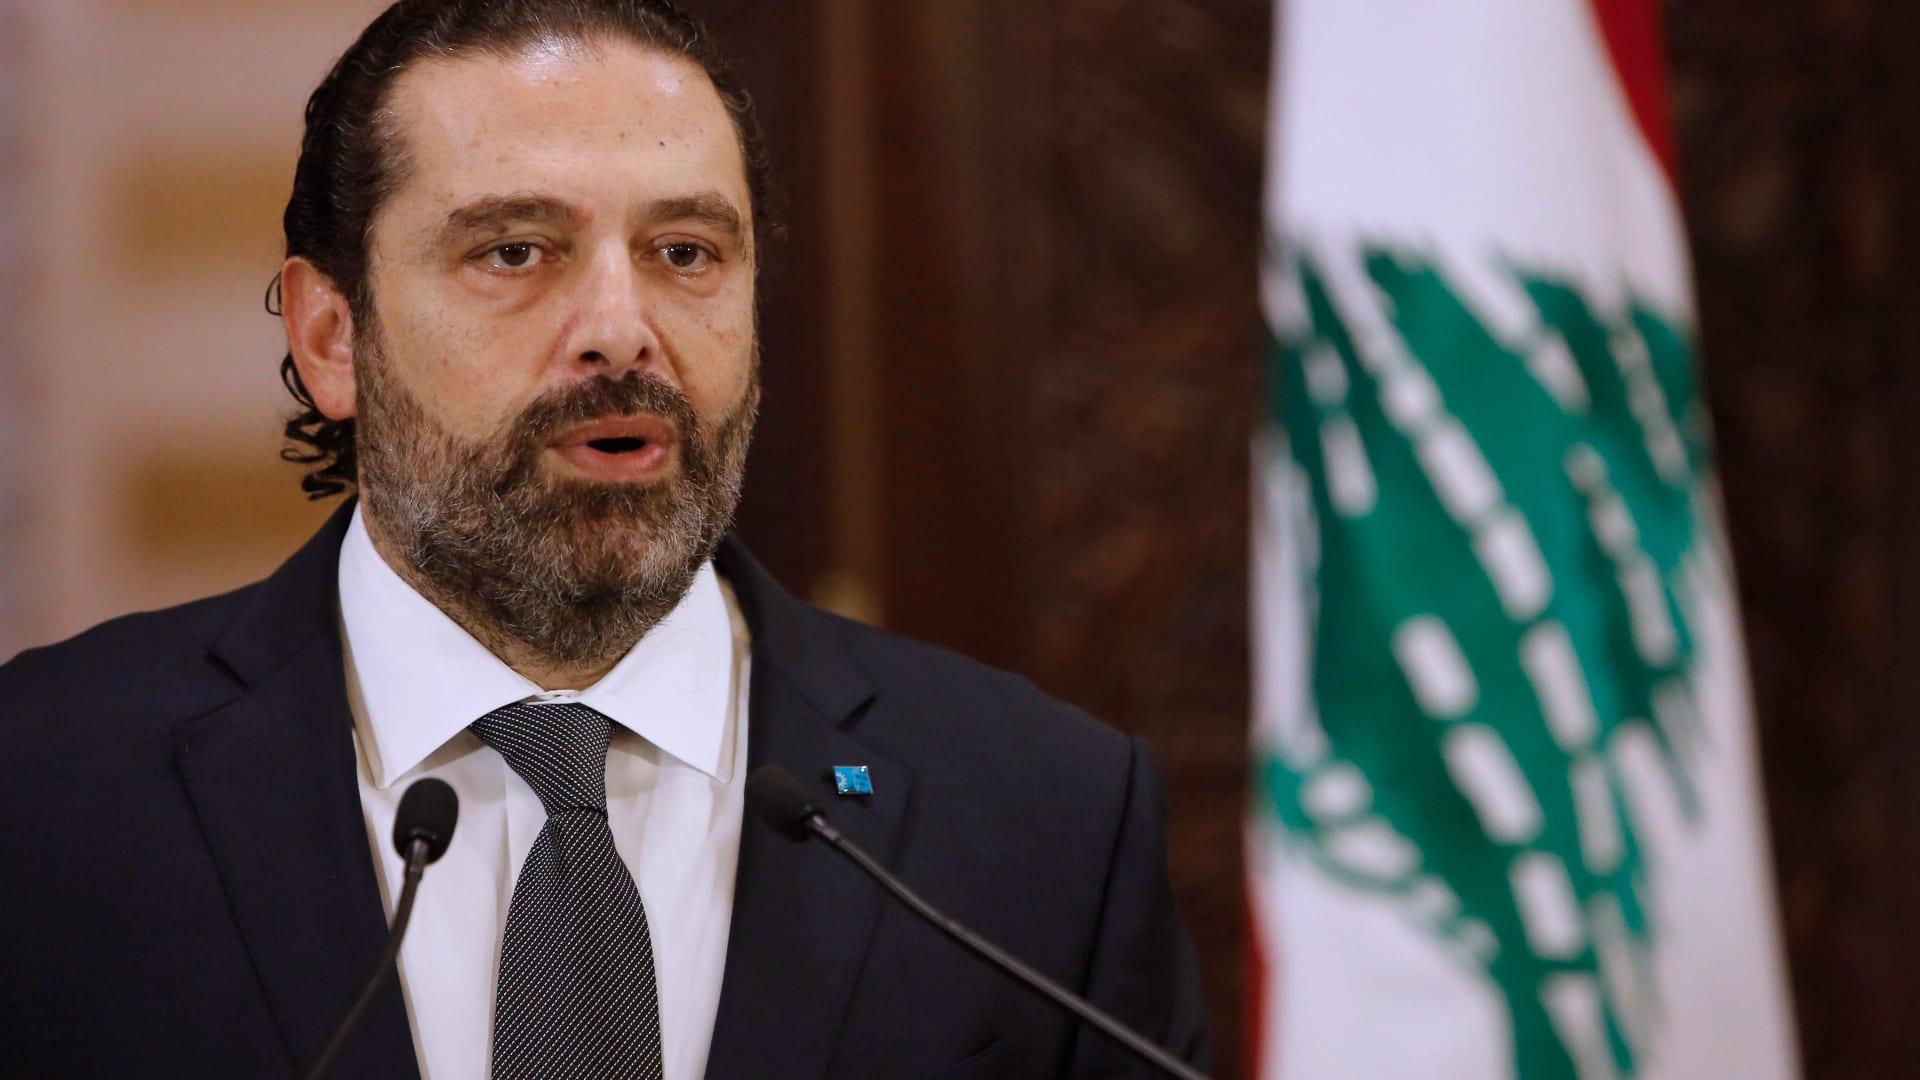 بهاء الحريري لـCNN: لا يمكننا العيش تحت سيطرة حزب الله